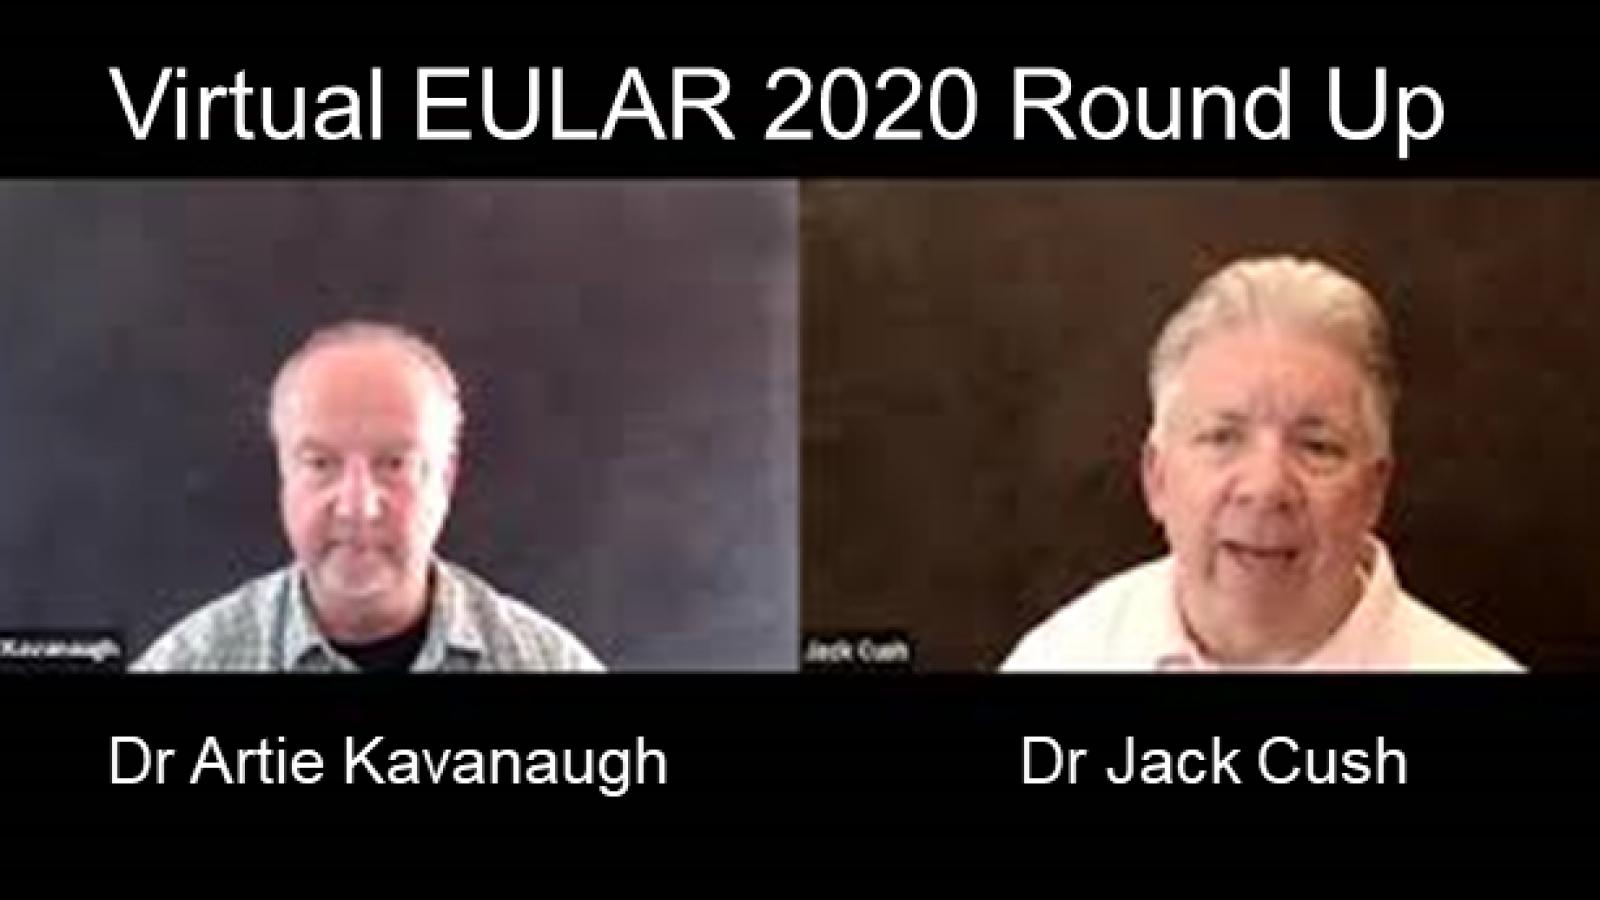 EULAR 2020 Roundup